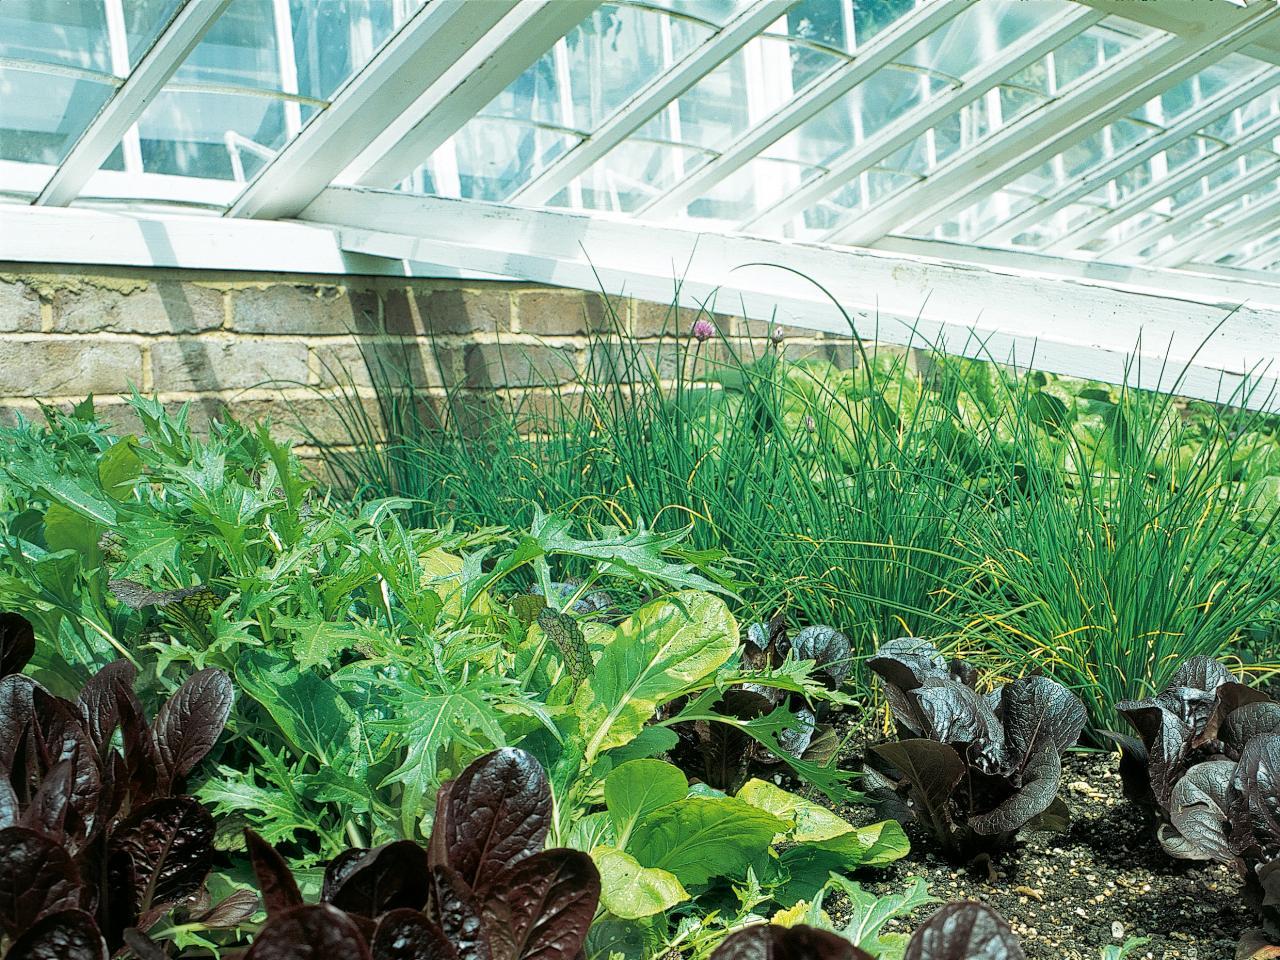 Выращивание зелени в теплице зимой: секреты для 50